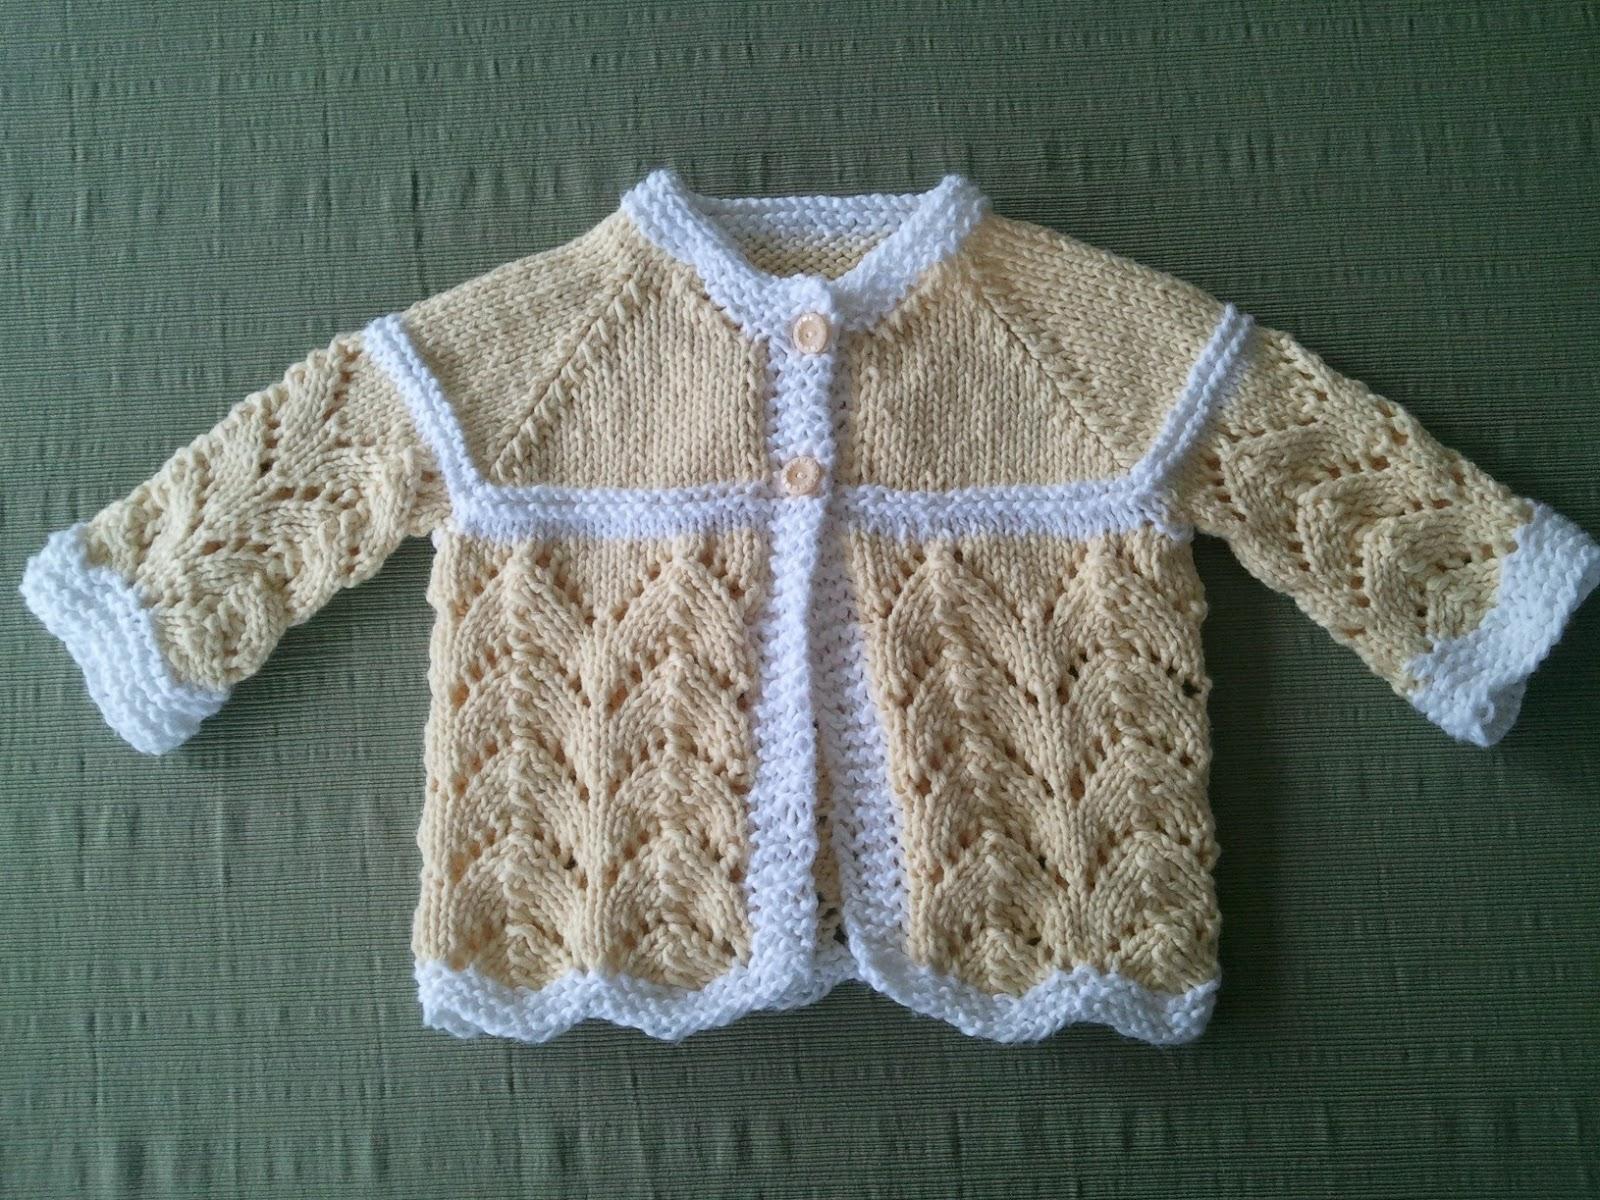 61c4d290d4de Willing Palms  Baby sweater set complete